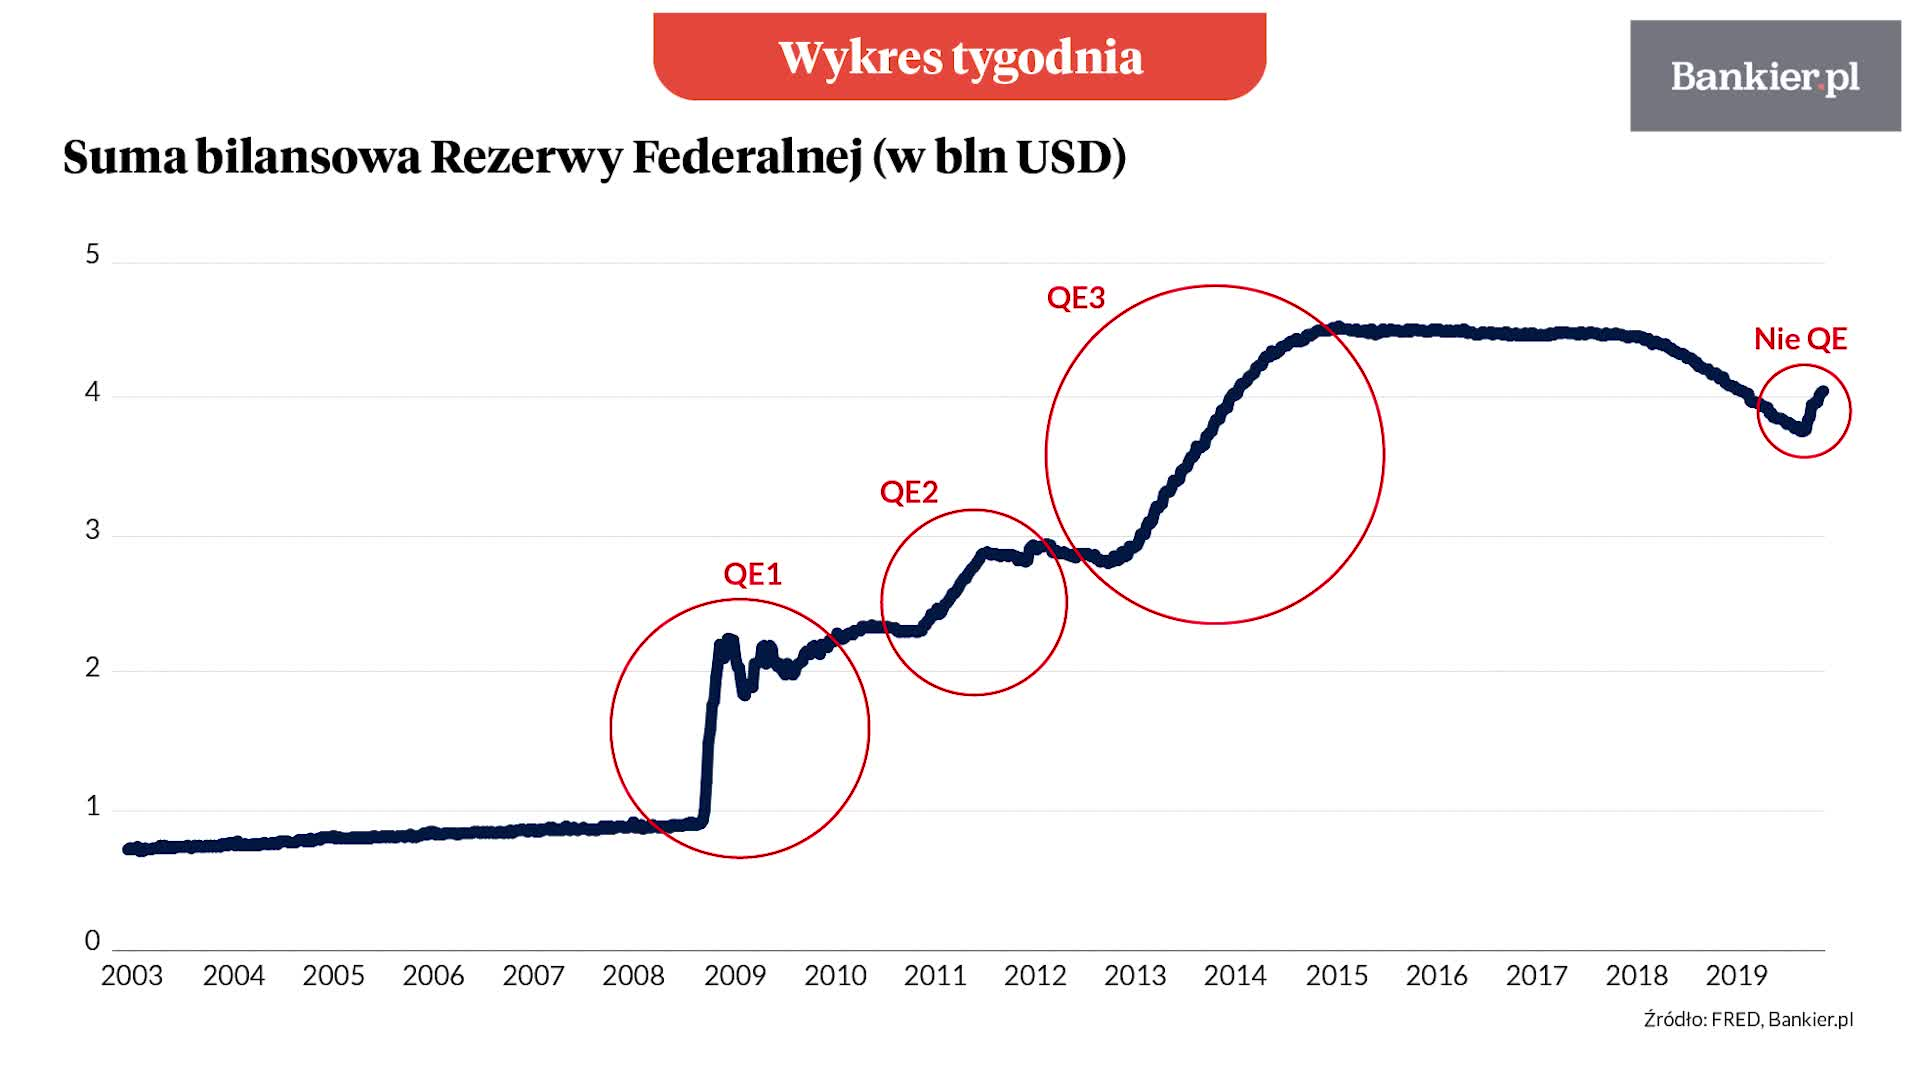 Wykres tygodnia: QE, które nie jest QE